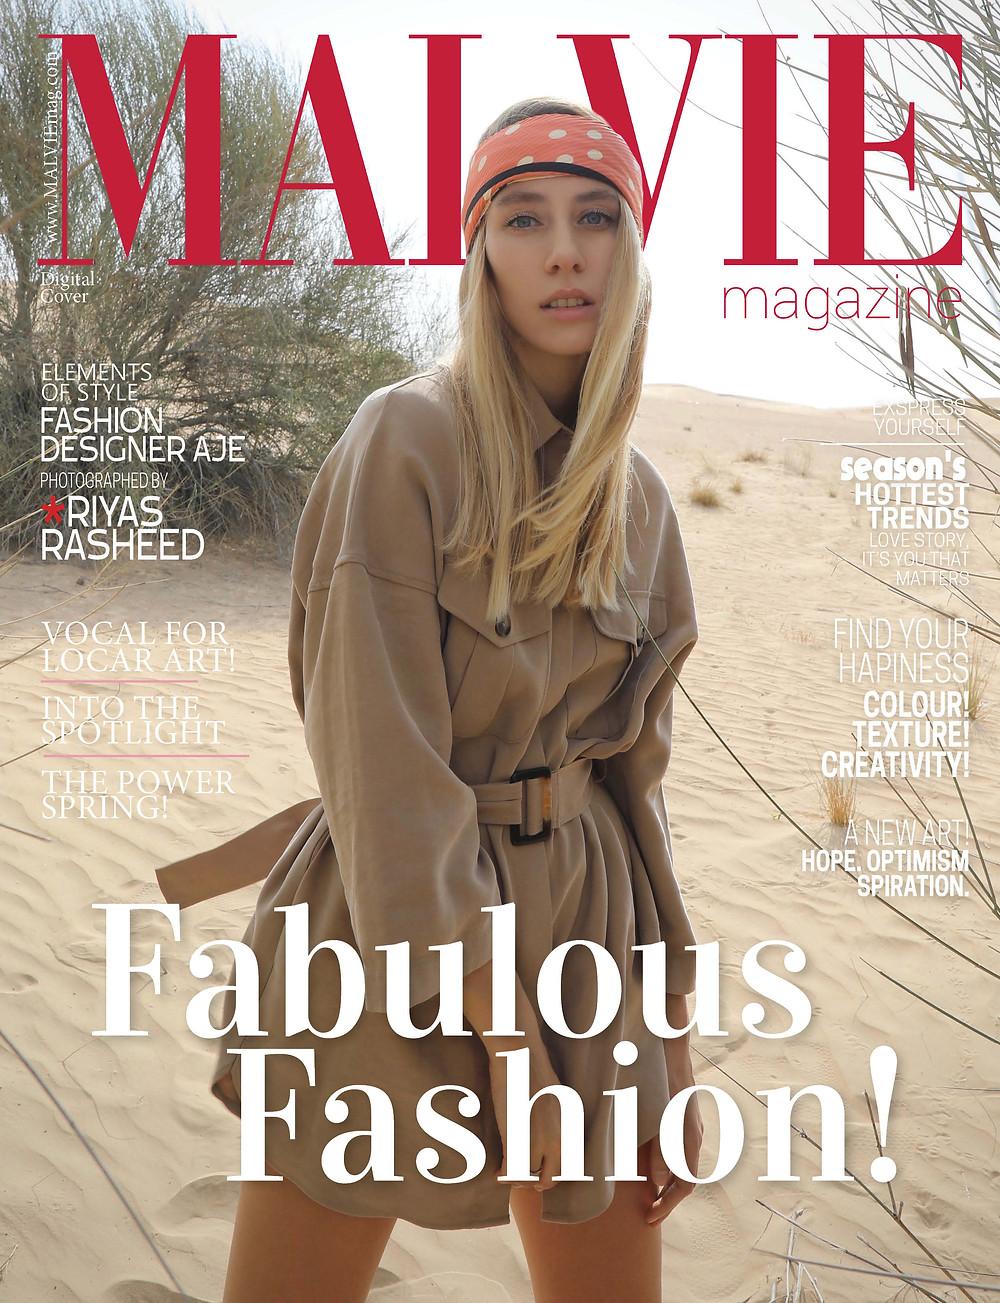 Model: Magda Swider @cyrusmodels Photographer: Photographer: Riyas Rasheed @dubaiphotographer Fashion Designer: Aje